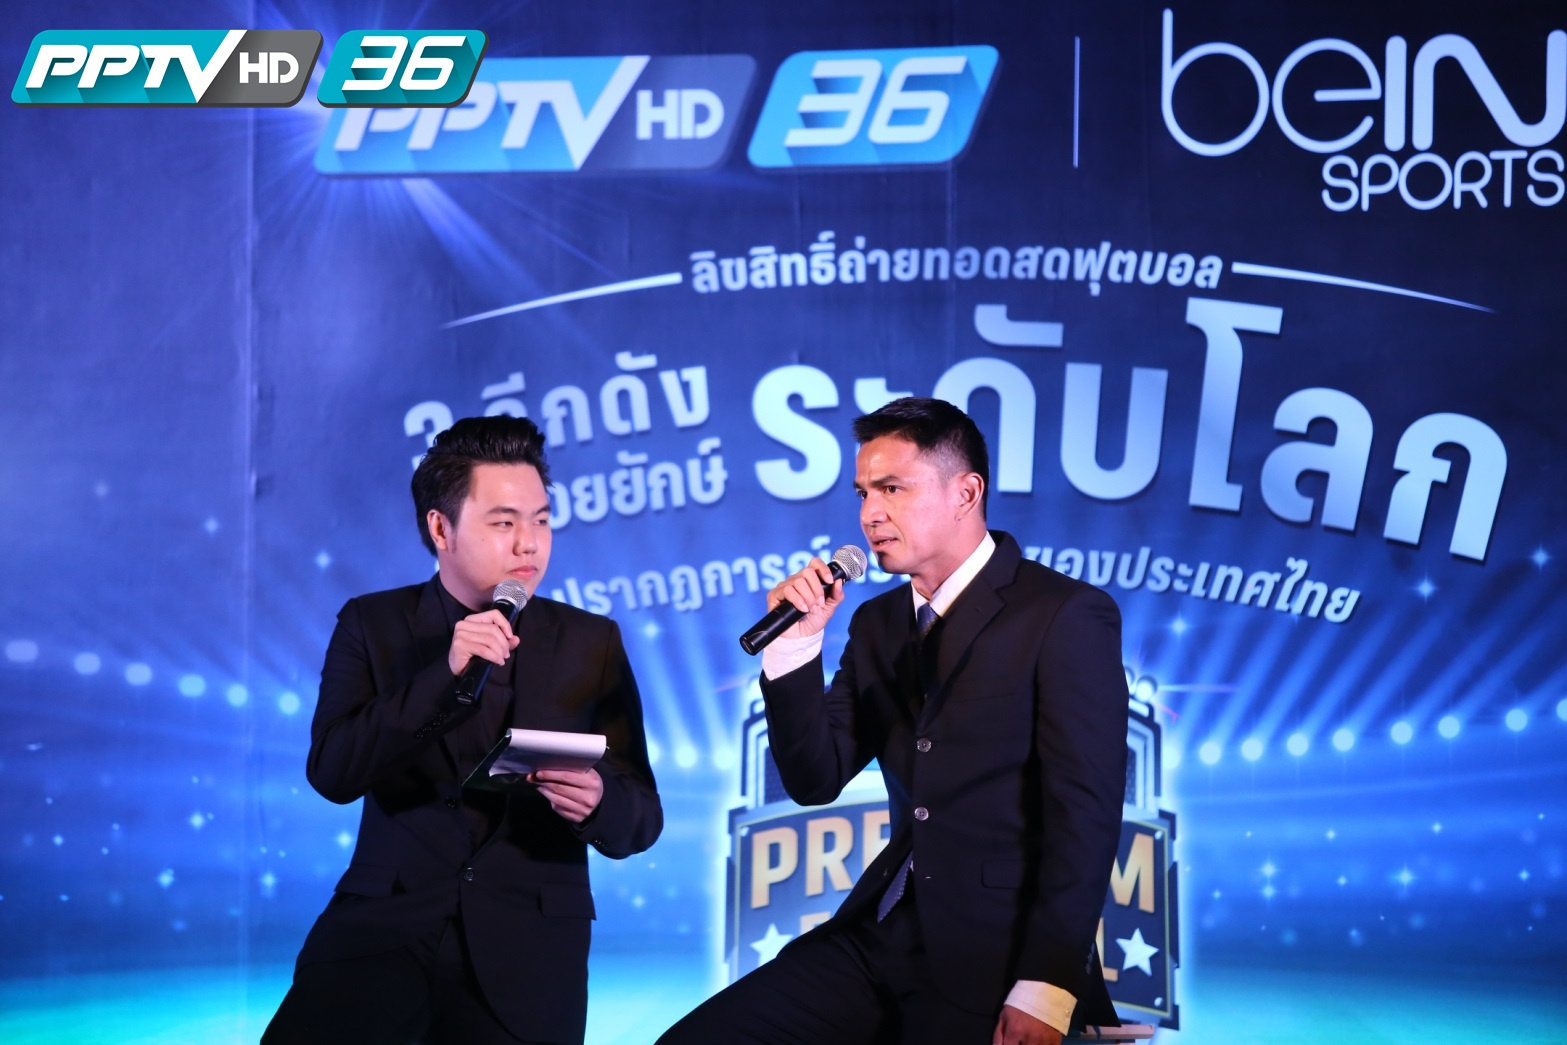 """""""เป็นกำไรของคนไทย"""" เปิดจอ PPTVHD36 ชมฟุตบอลระดับโลก"""